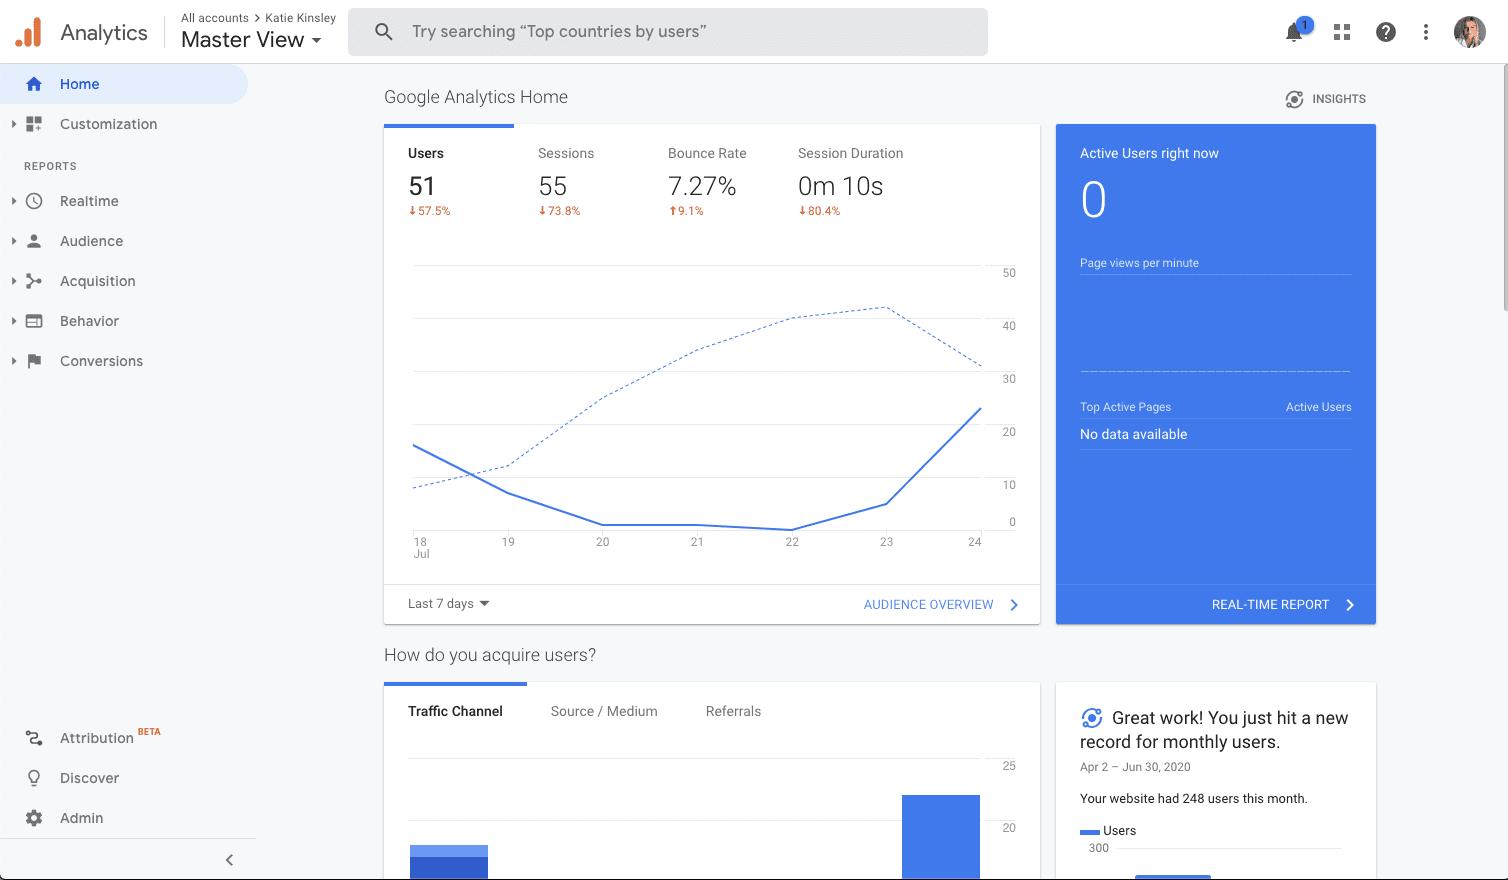 Google Analytics Reporting Dashboard View